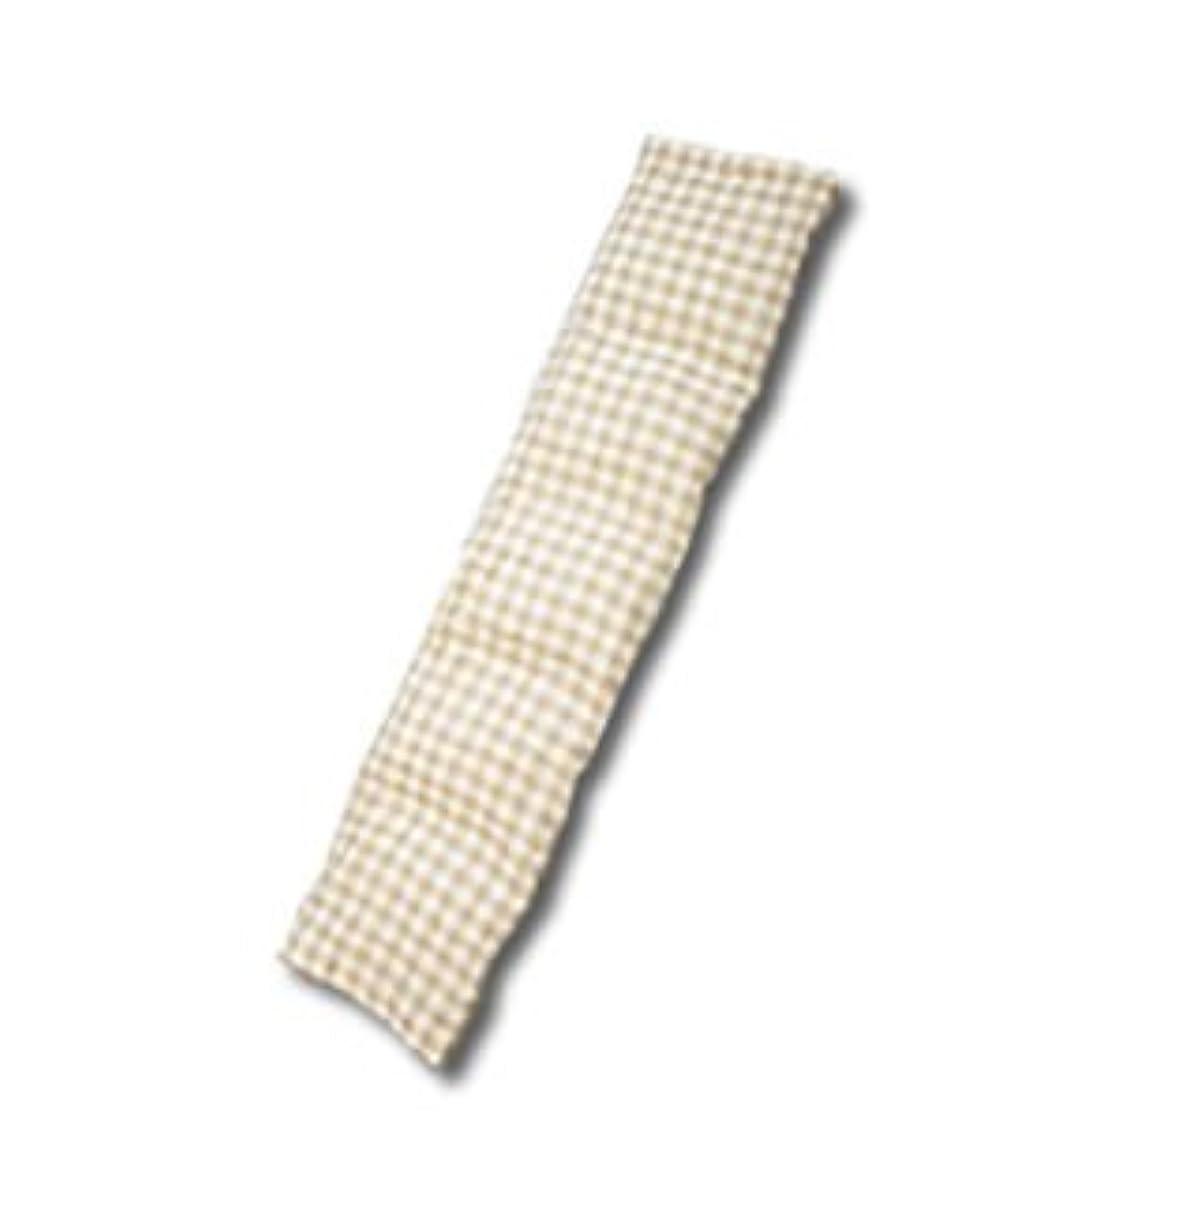 サンダースファウル筋手作り温熱ハーブパット「よもごこち」 ロング 13cm×57cm